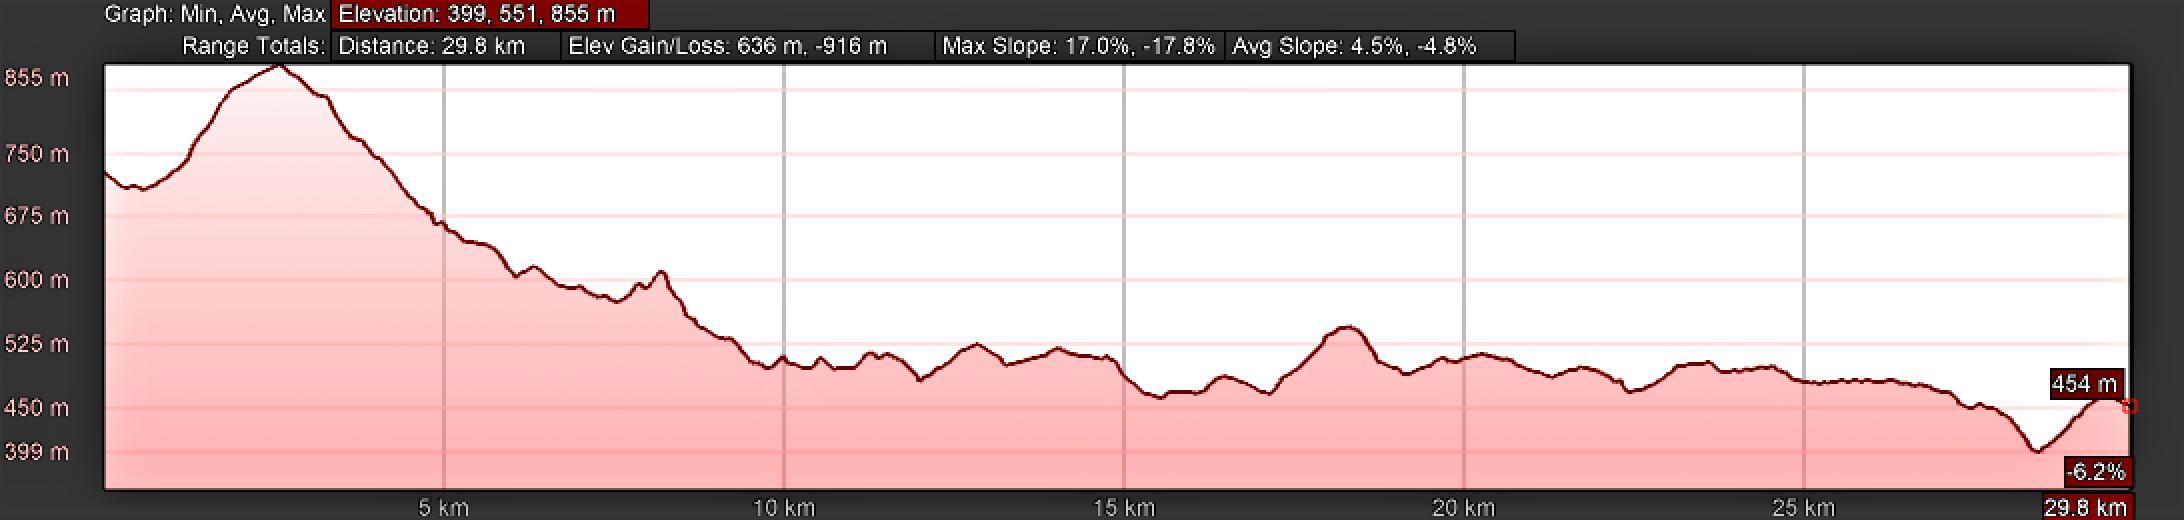 Elevation Profile O Cádavo to Lugo